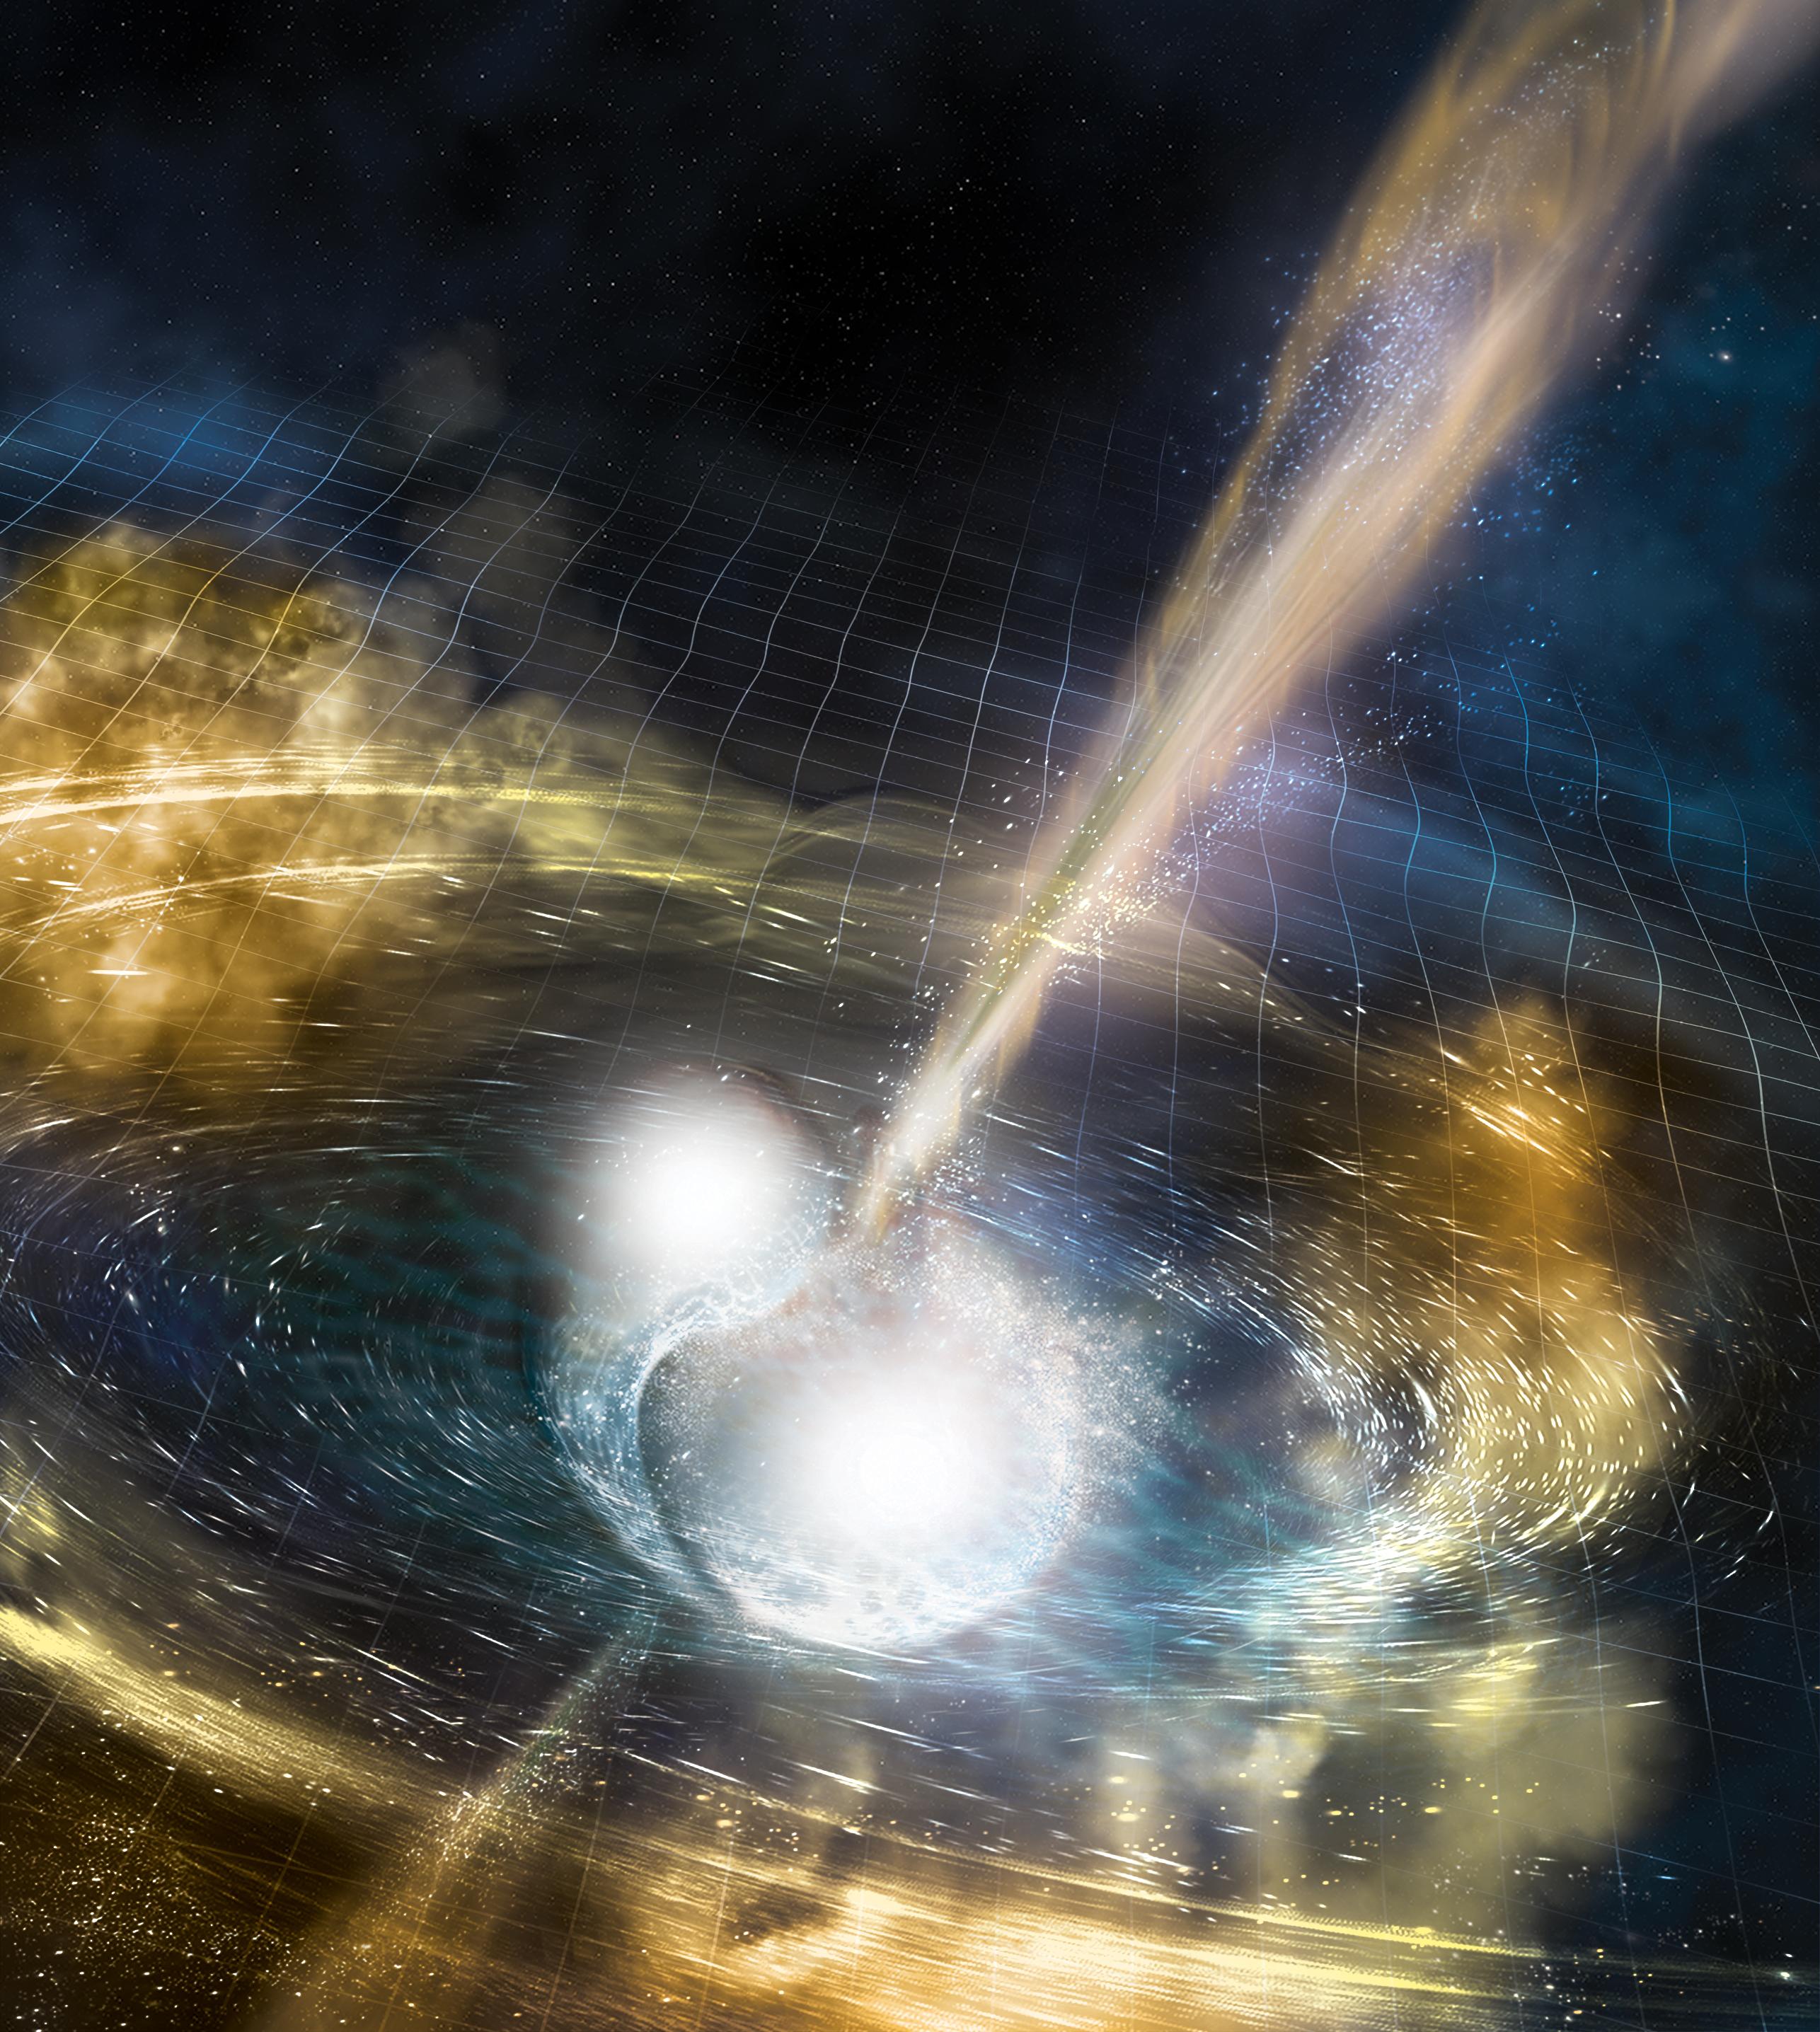 Artist's rendering of two merging neutron stars